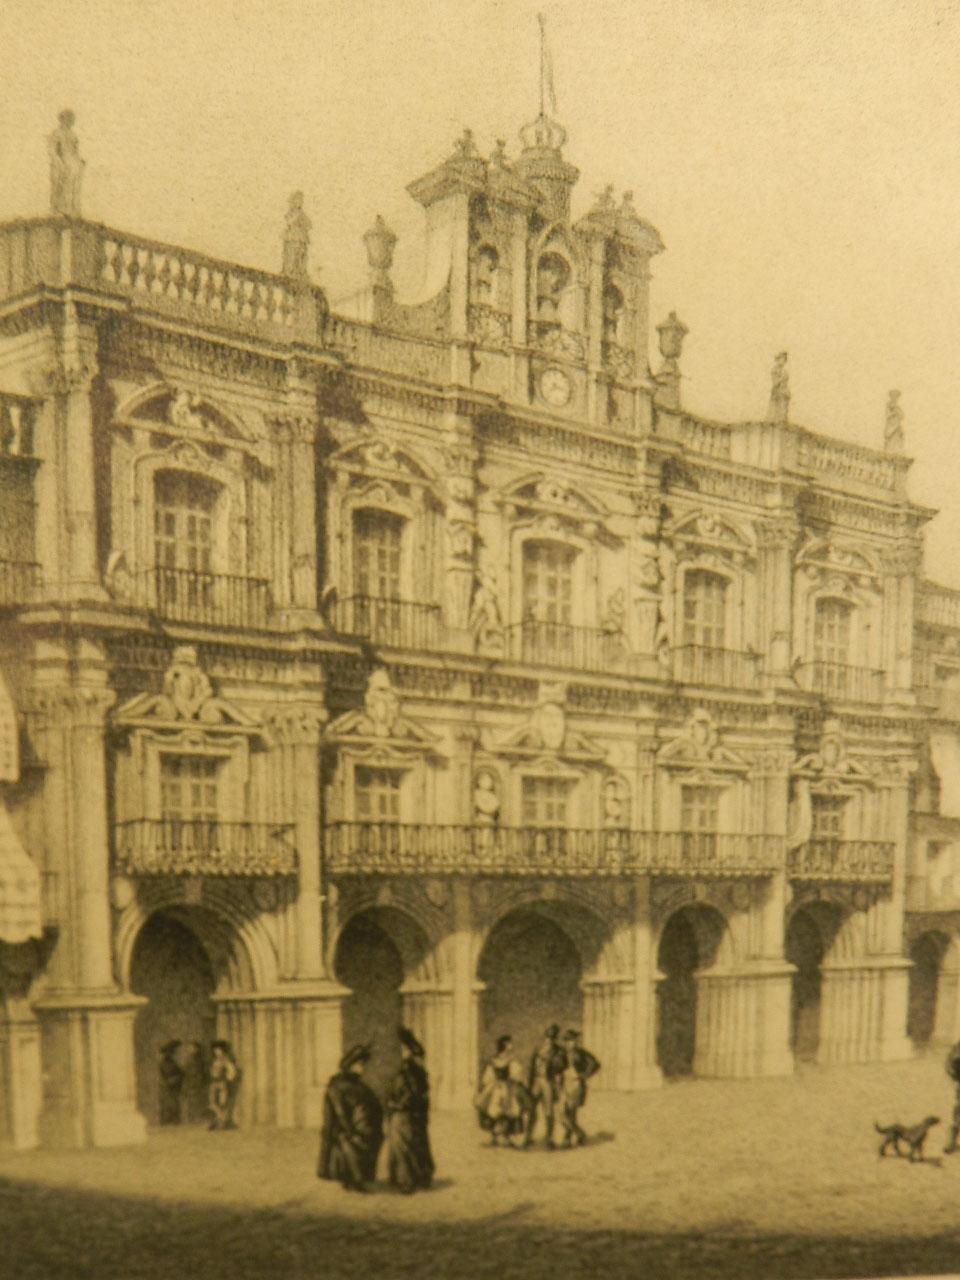 Imagen LITOGRAFÍA P. MAYOR SALAMANCA AÑO 1860 24852